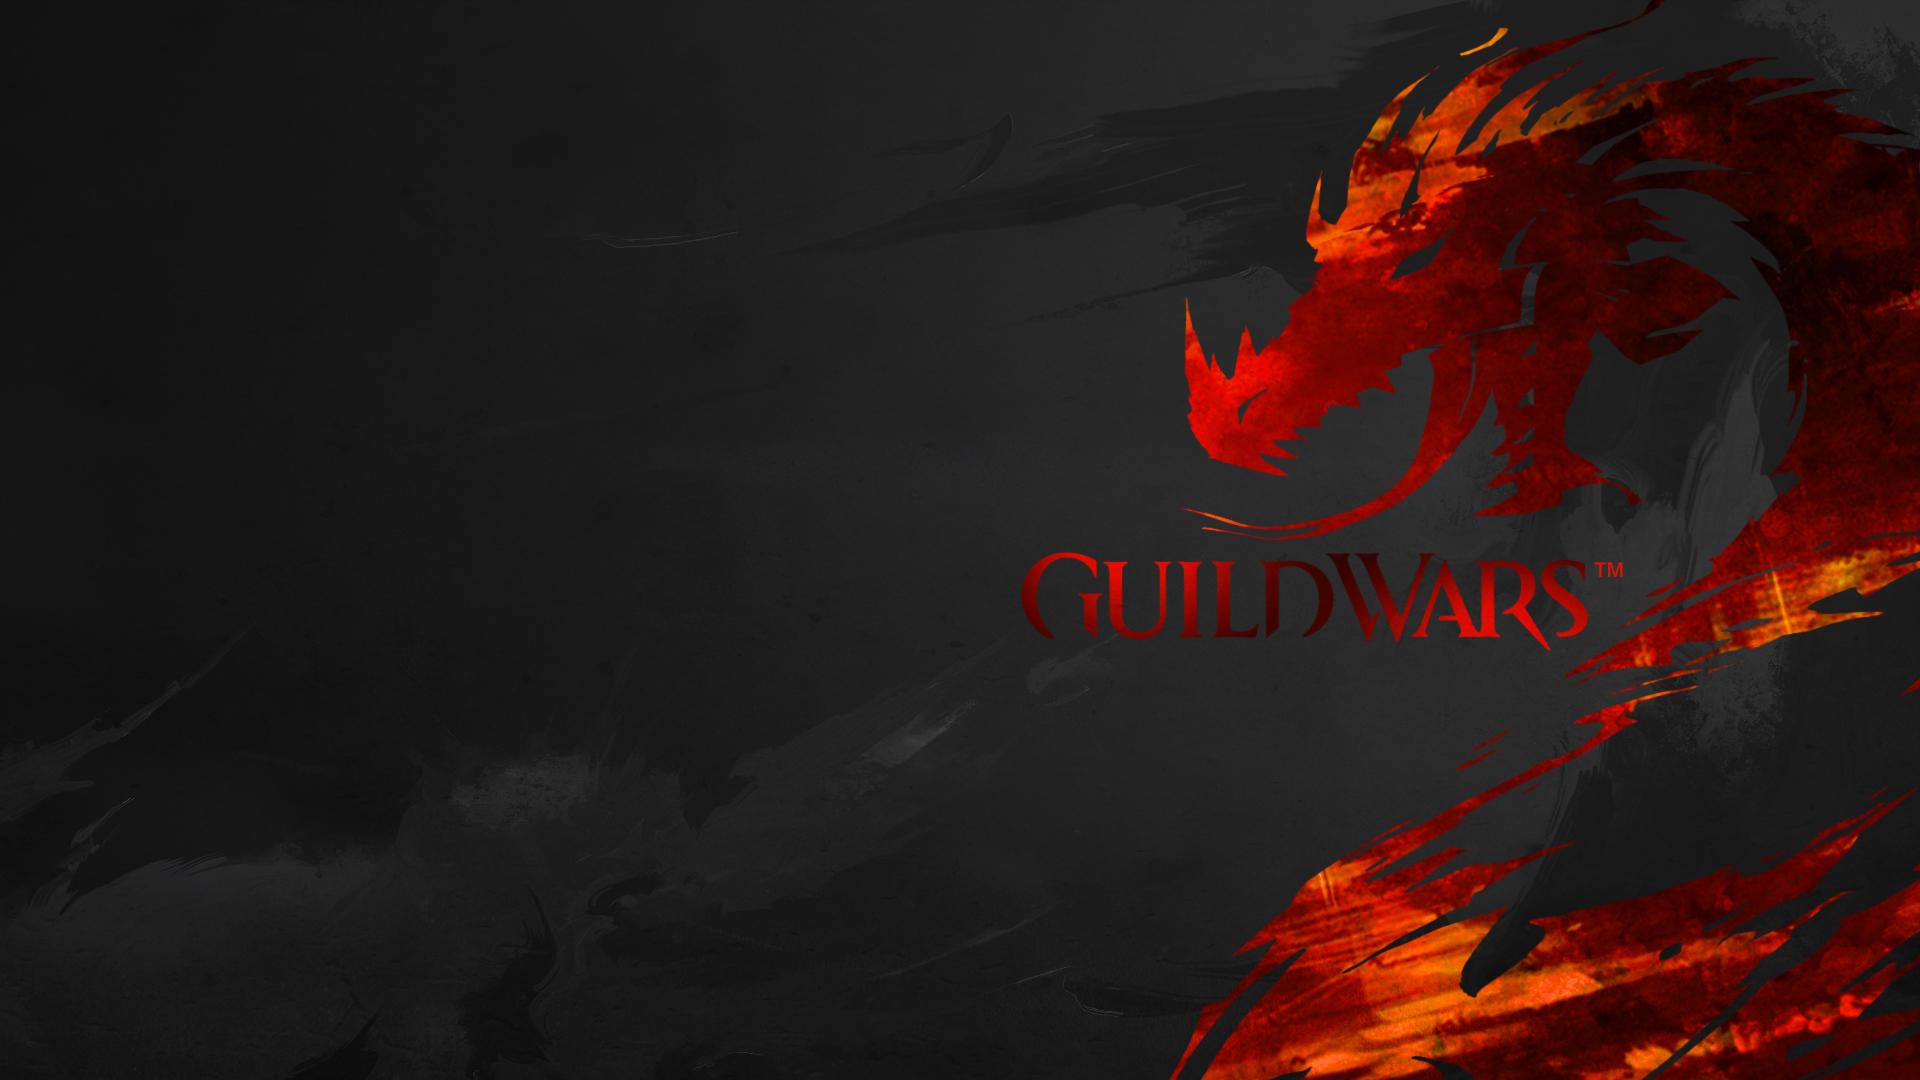 guild wars 2 wallpaper by joetruck on deviantart